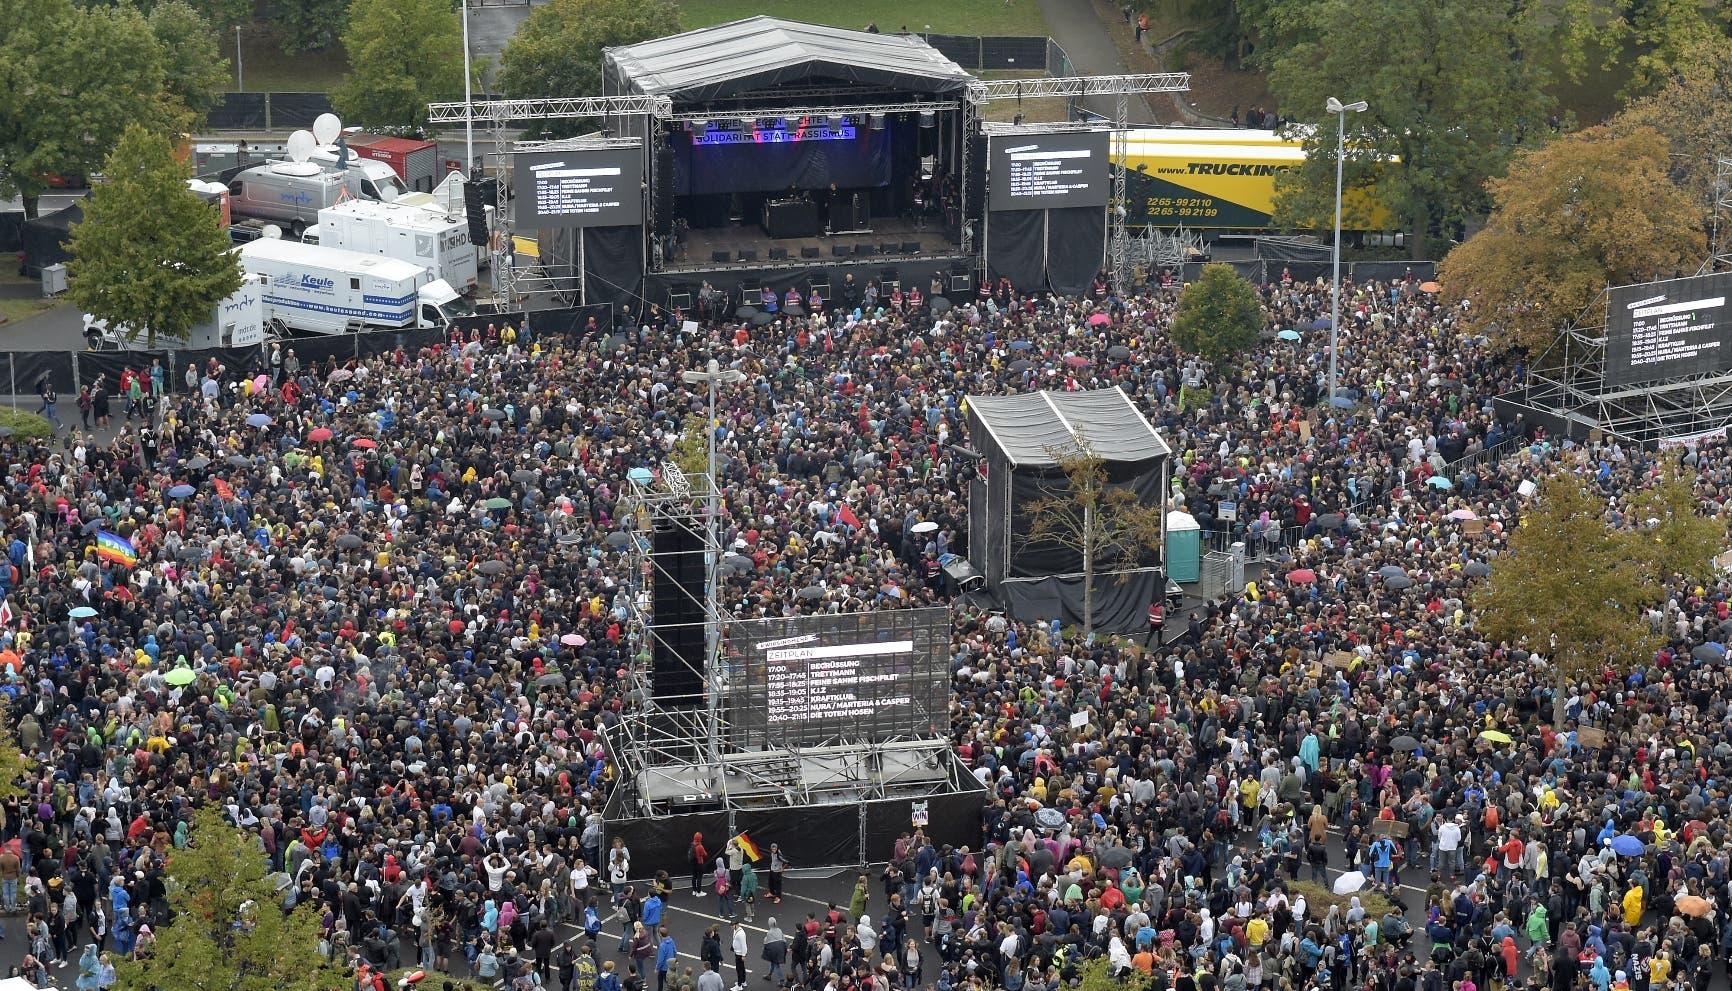 Unas 65.000 personas asisten a un concierto contra el racismo en Chemnitz